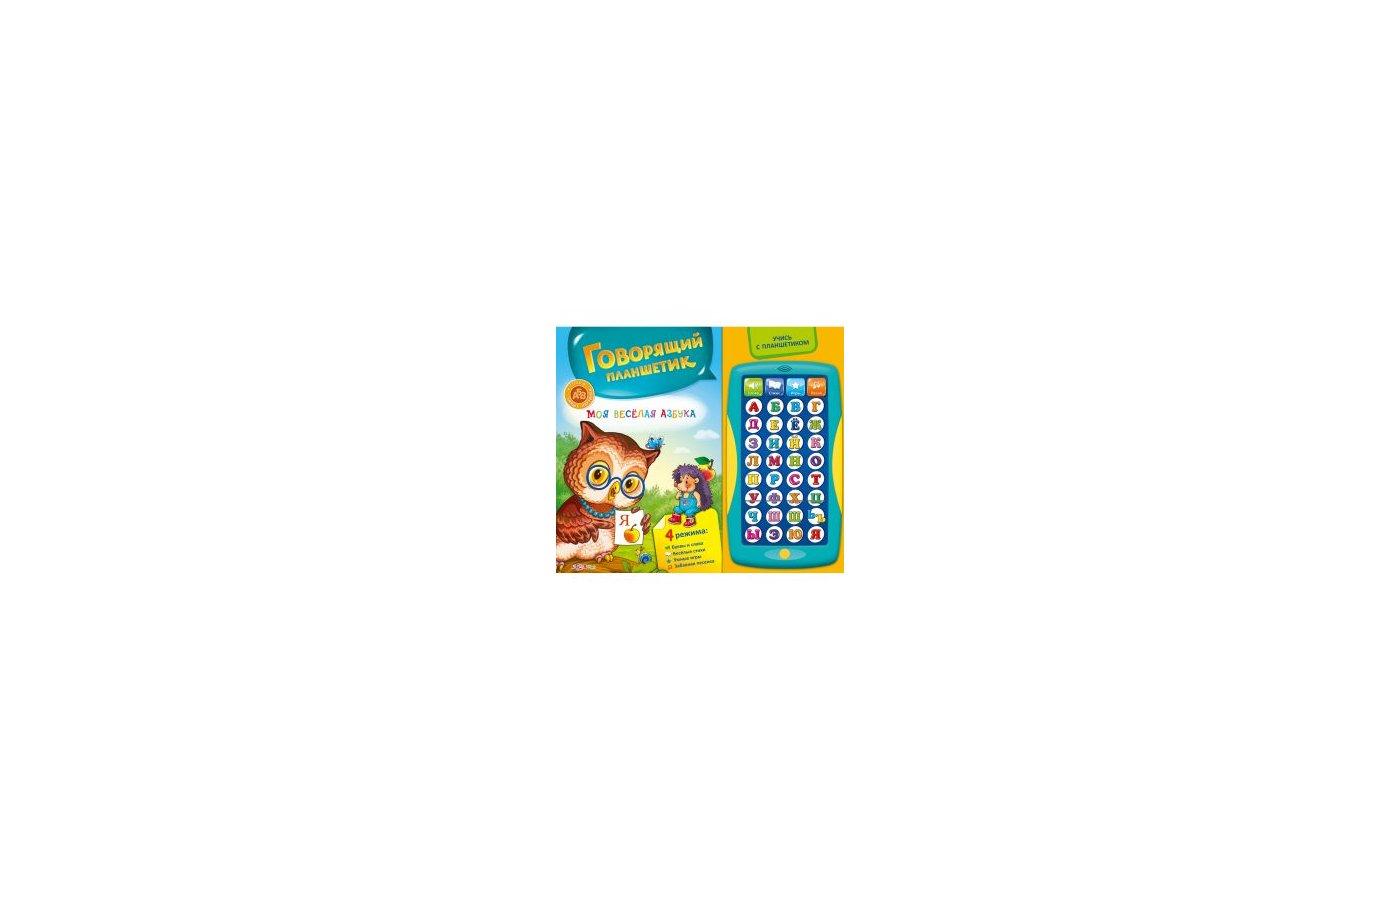 Книга Азбукварик 978-5-490-00243-7 Умные картинки Моя веселая азбука